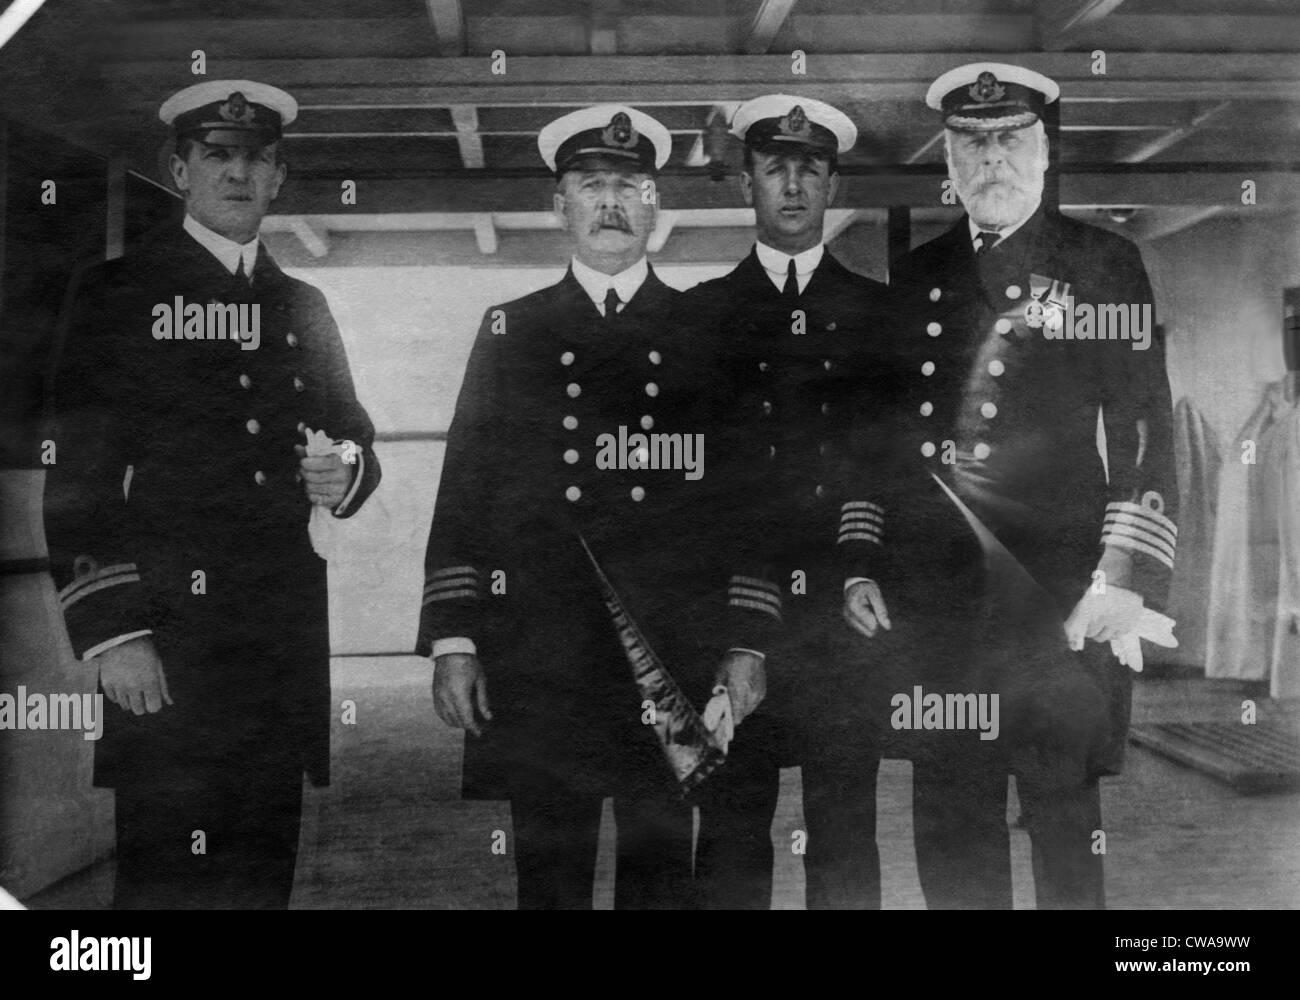 Le capitaine Edward Smith (à droite), du RMS Titanic, qui a coulé après avoir heurté un iceberg, Photo Stock